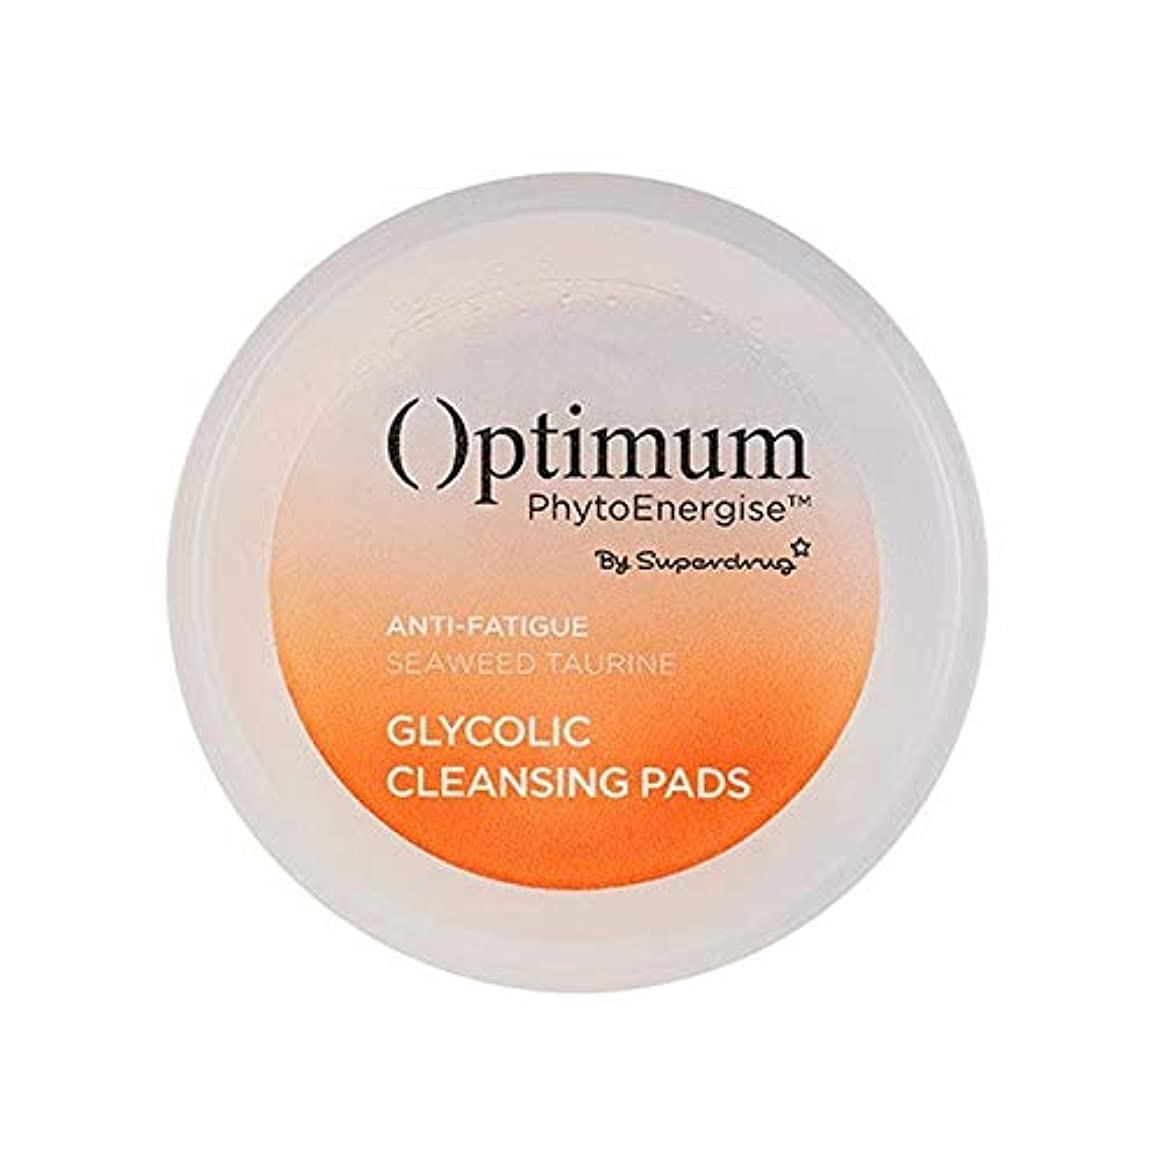 気付く裏切り者ダイエット[Optimum ] 最適Phytoenergiseグリコールクレンジングパッド - Optimum PhytoEnergise Glycolic Cleansing Pads [並行輸入品]